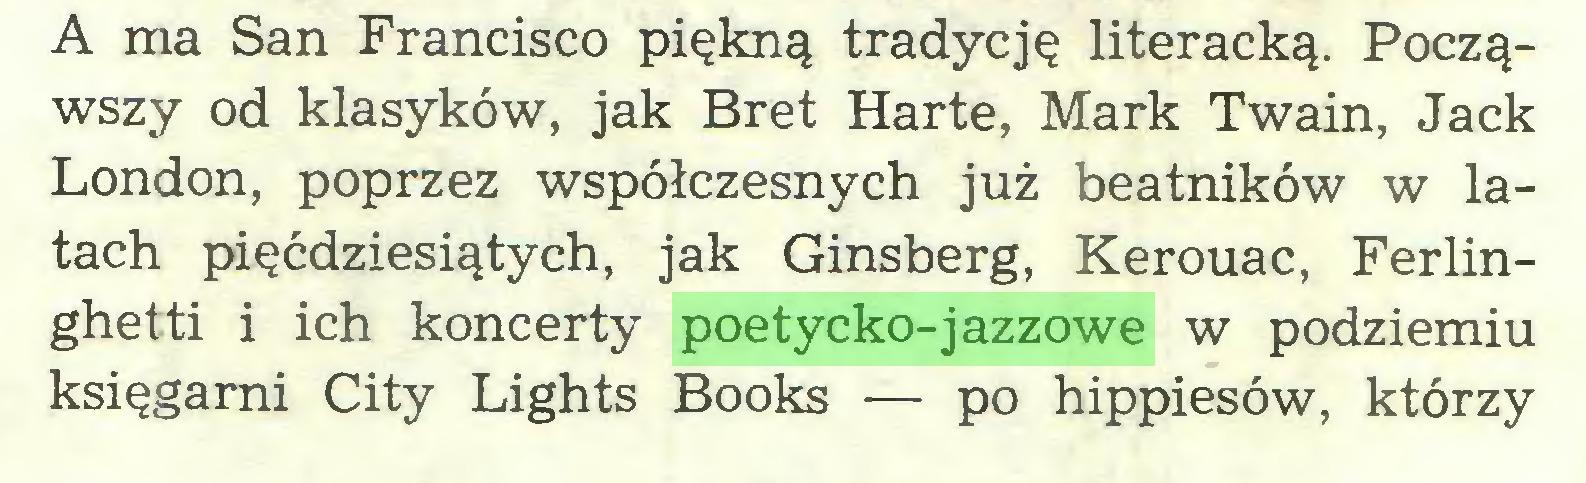 (...) A ma San Francisco piękną tradycję literacką. Począwszy od klasyków, jak Bret Hartę, Mark Twain, Jack London, poprzez współczesnych już beatników w latach pięćdziesiątych, jak Ginsberg, Kerouac, Ferlinghetti i ich koncerty poetycko-jazzowe w podziemiu księgarni City Lights Books — po hippiesów, którzy...